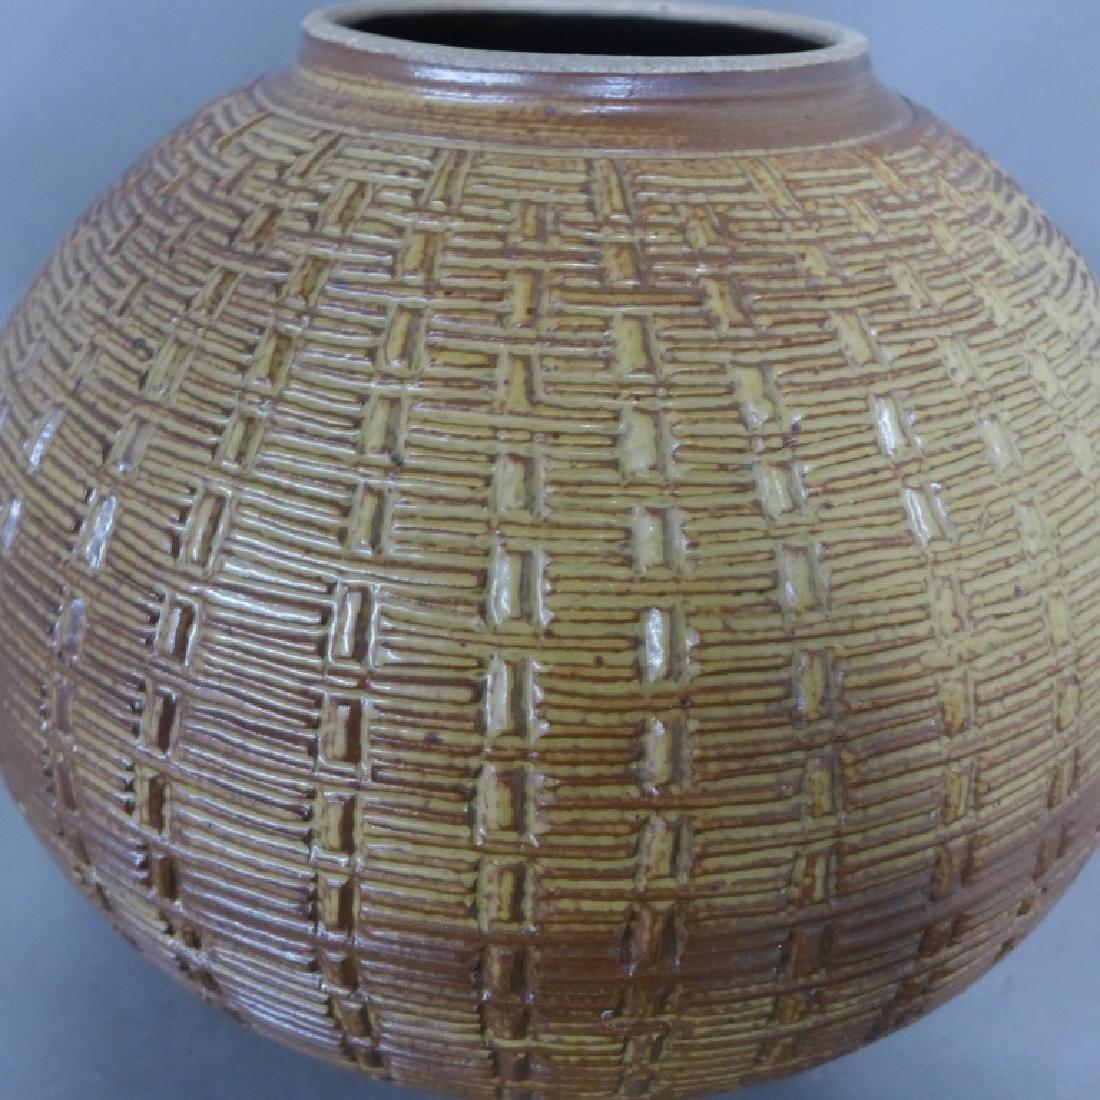 Basket Weave Impressed Ceramic Covered Jar - 4